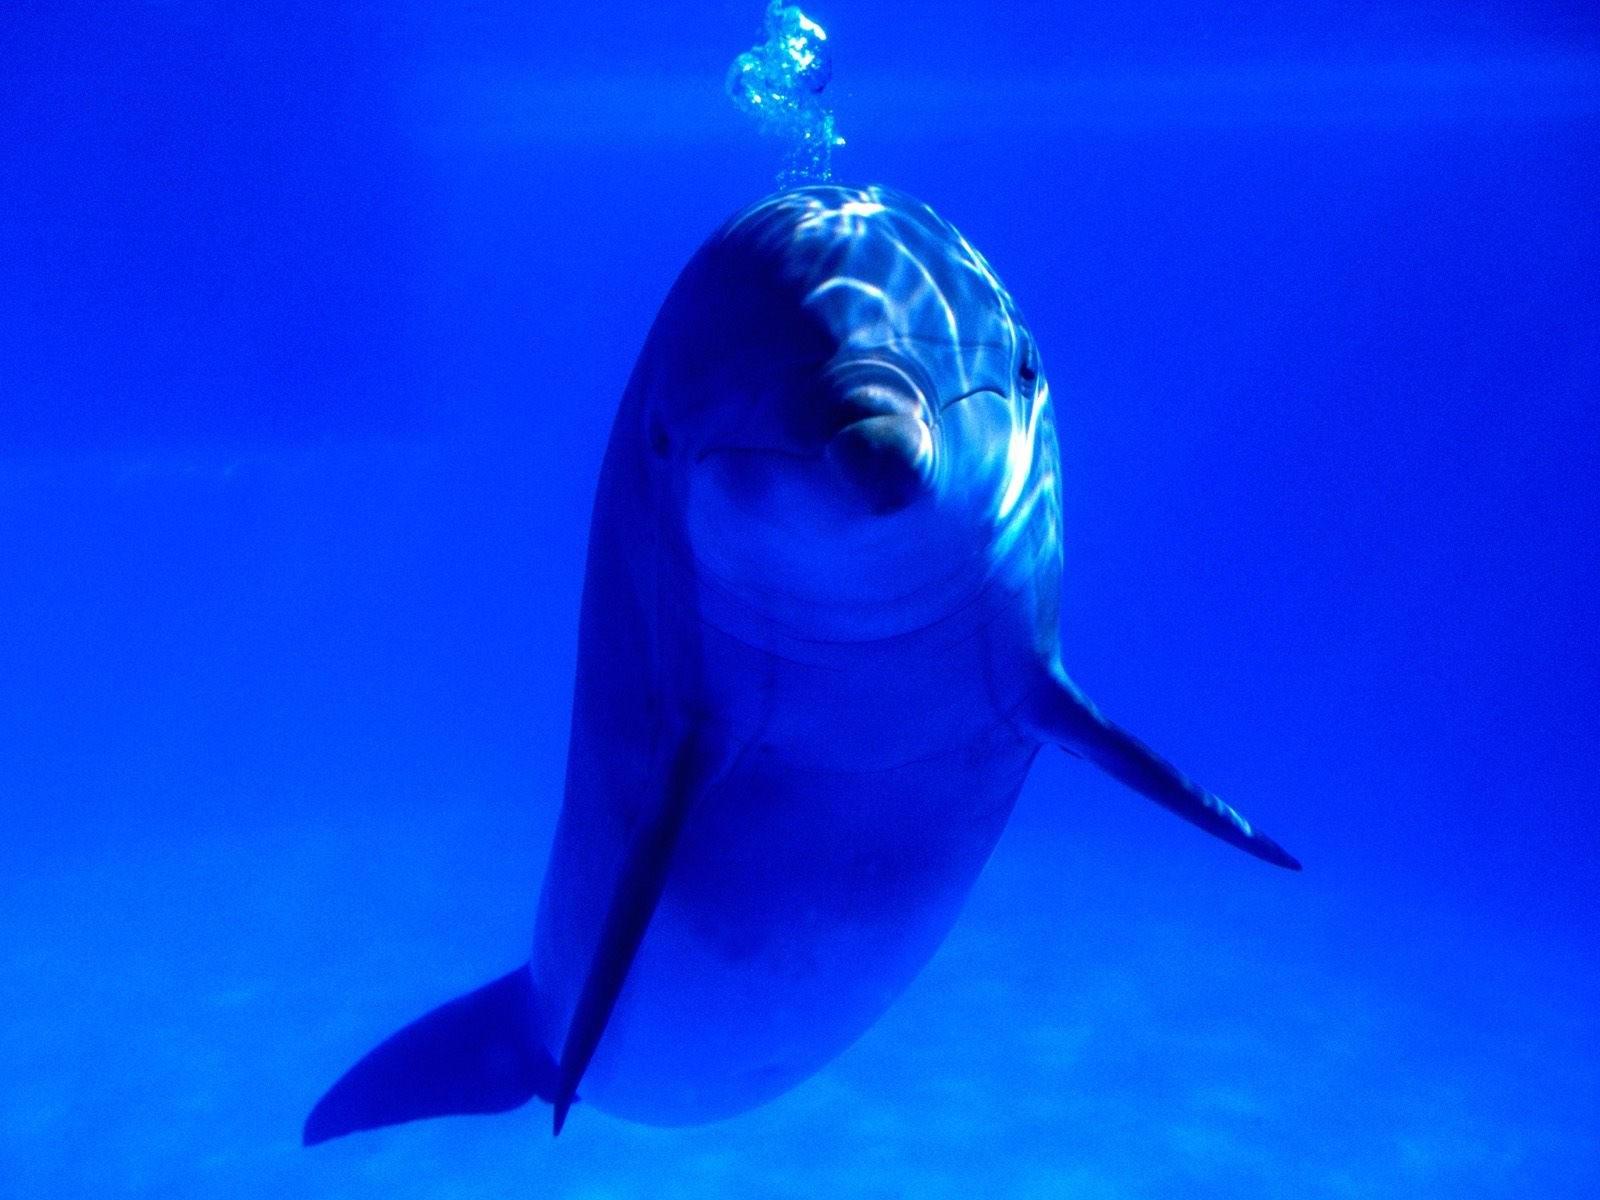 Дельфин в море. Обои с животными, картинки, фото 1600x1200